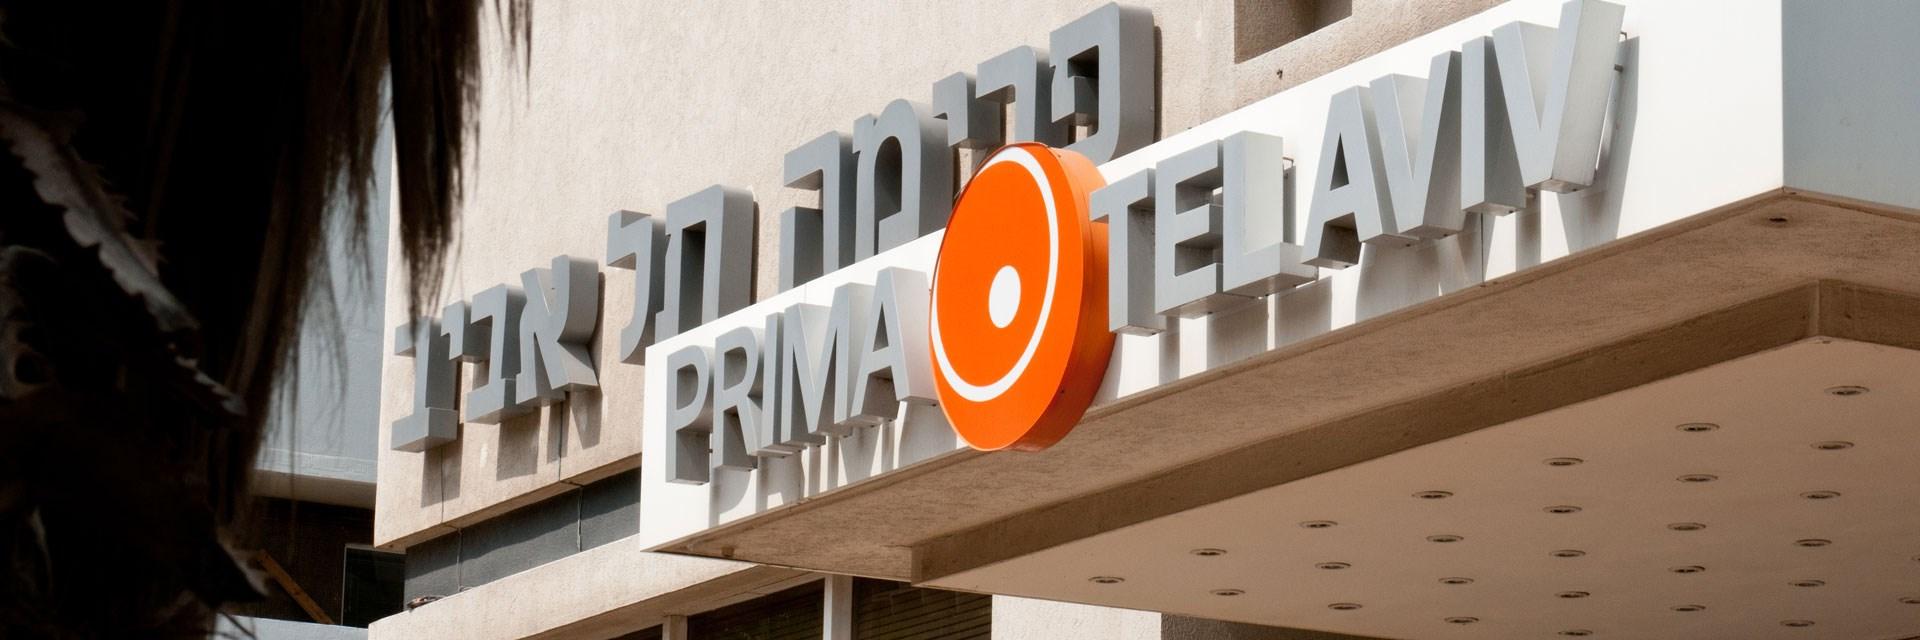 Prima Tel Aviv Hotel view